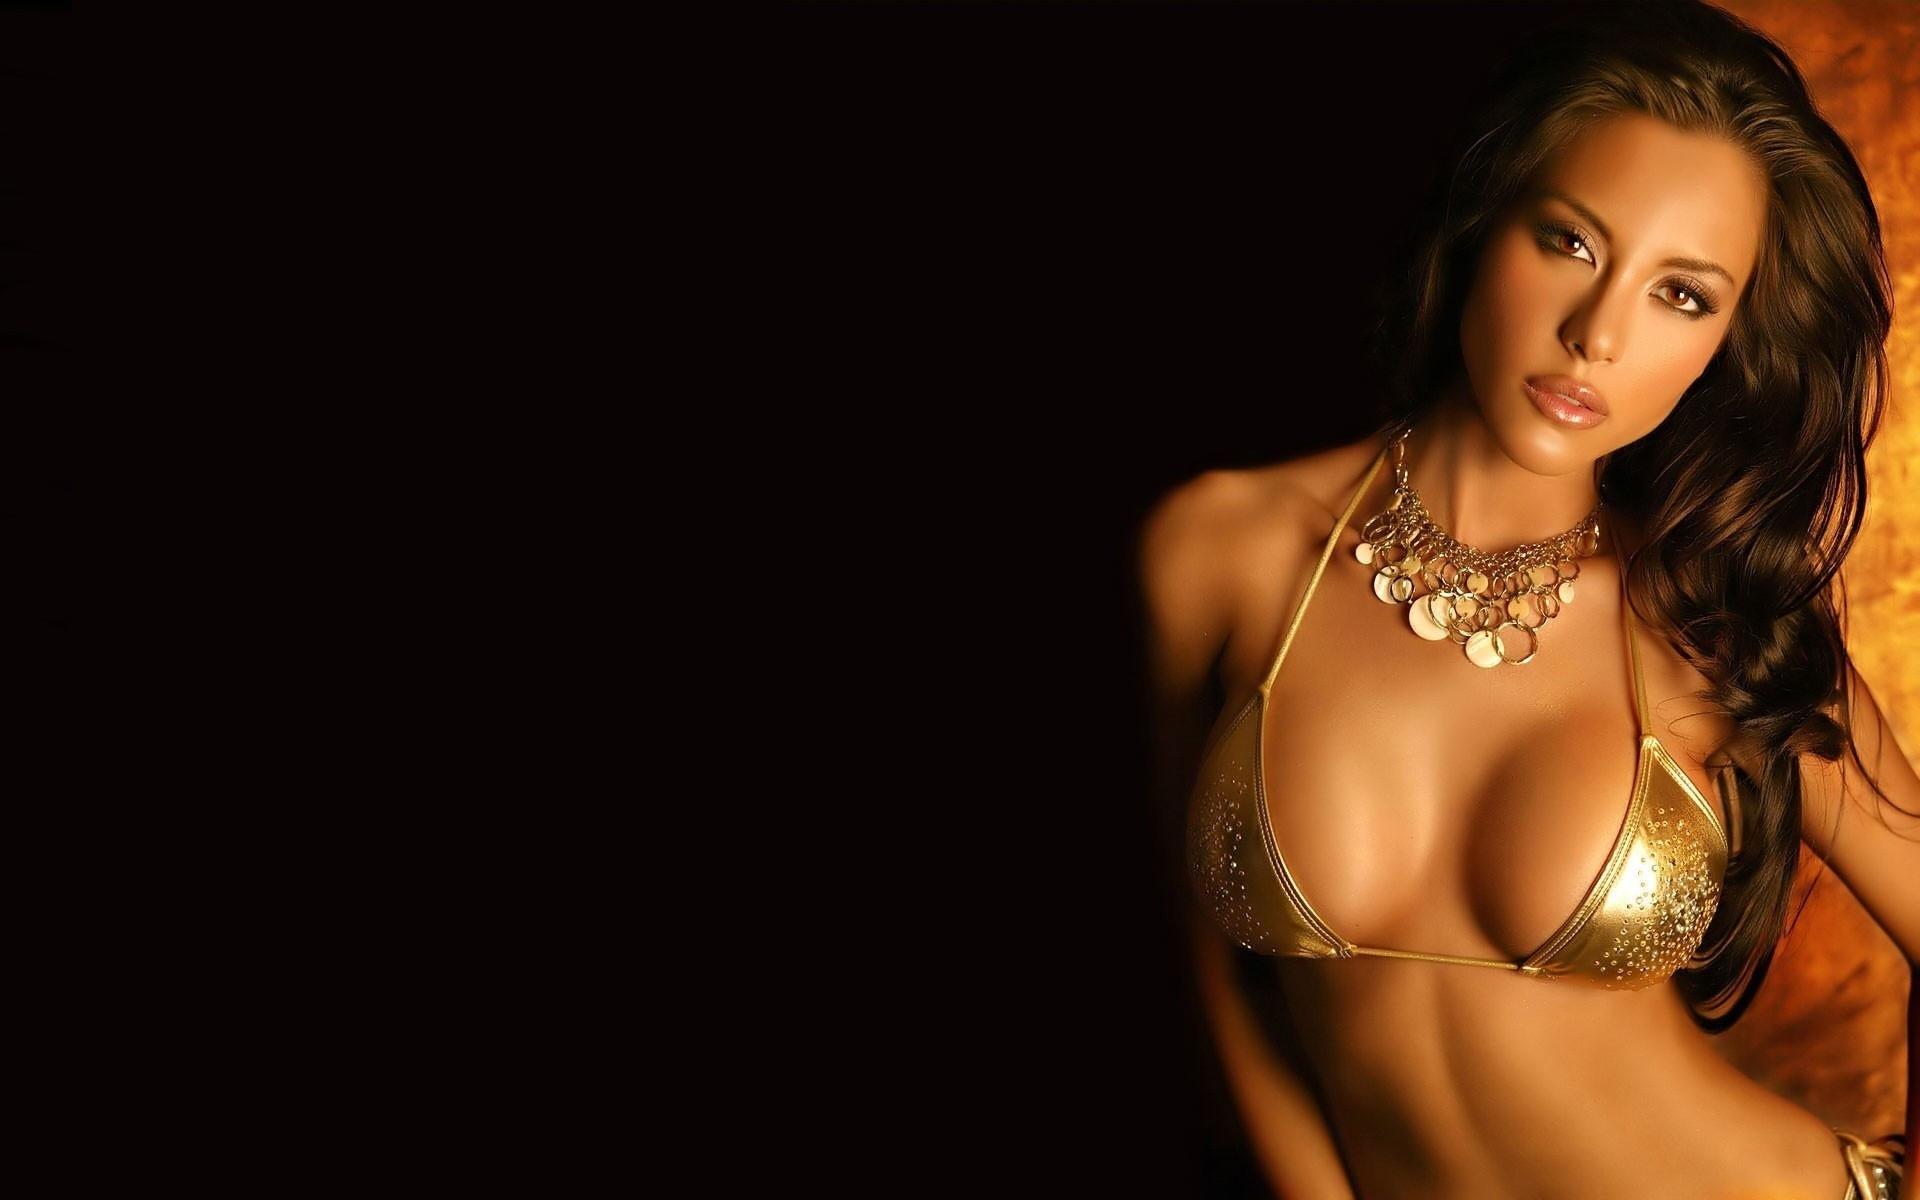 Смотреть онлайн порно загорелые девочки 22 фотография